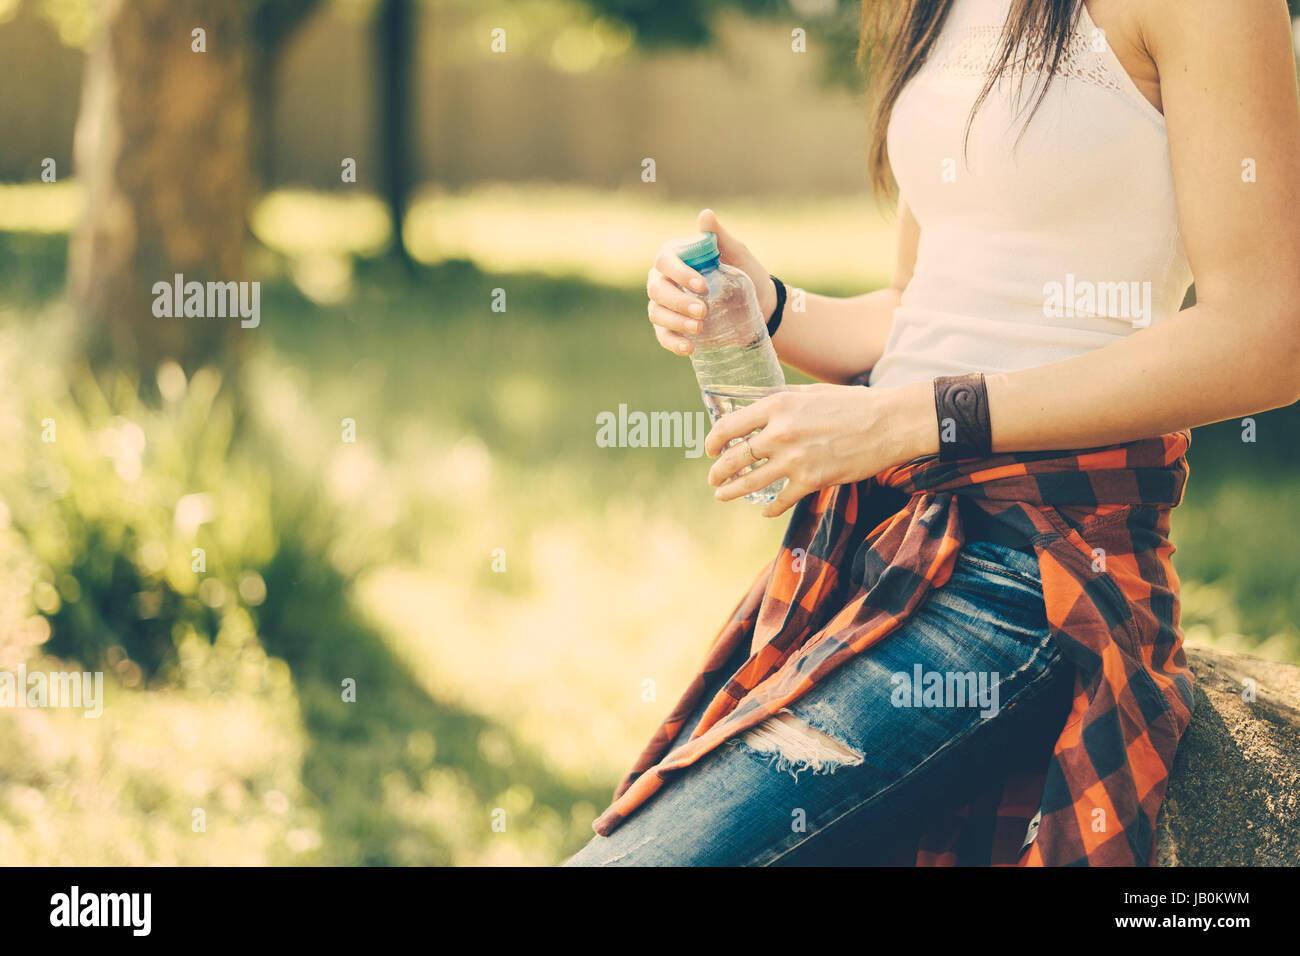 Festivalsommer Frau im freien Stockbild